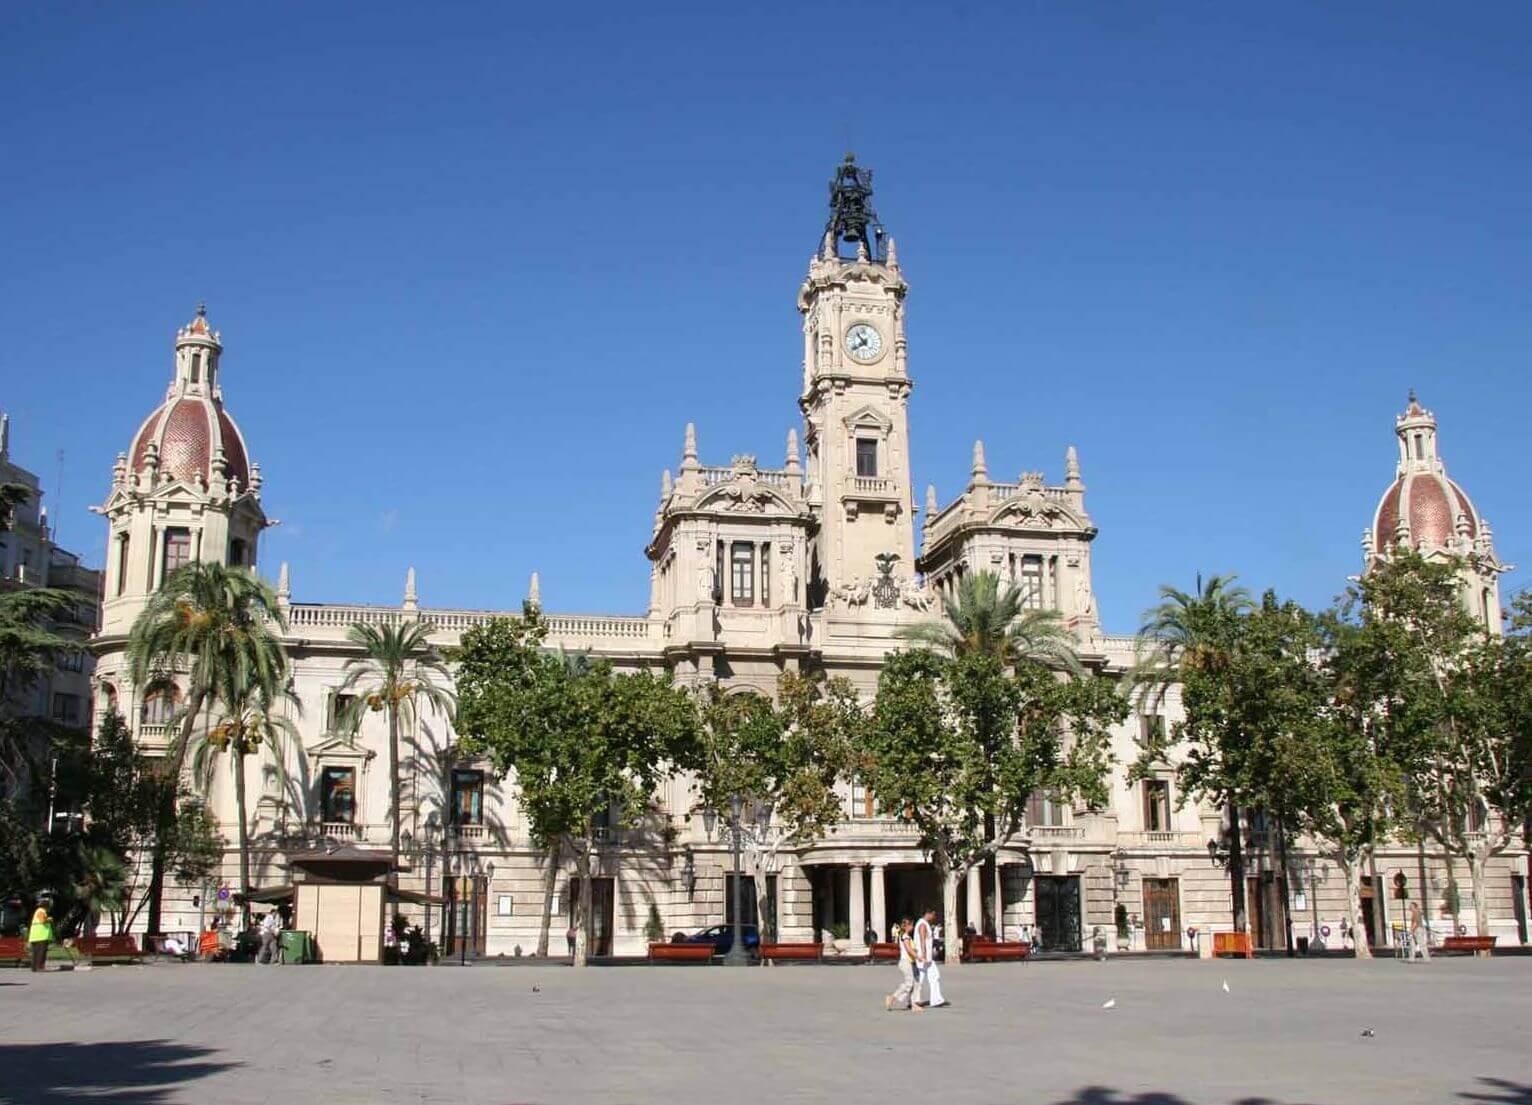 Découvrez la ville de Valence en Espagne, là où la paella a été inventé.